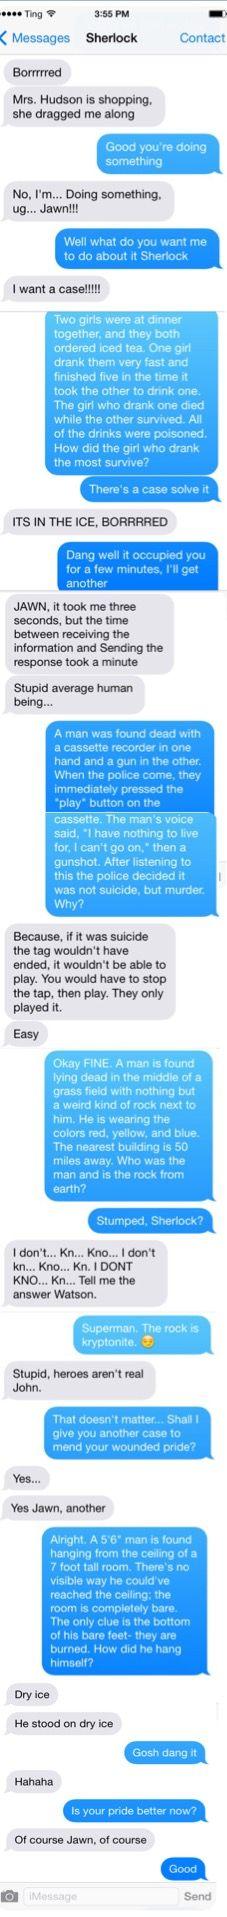 Texts from John to Sherlock- Bored